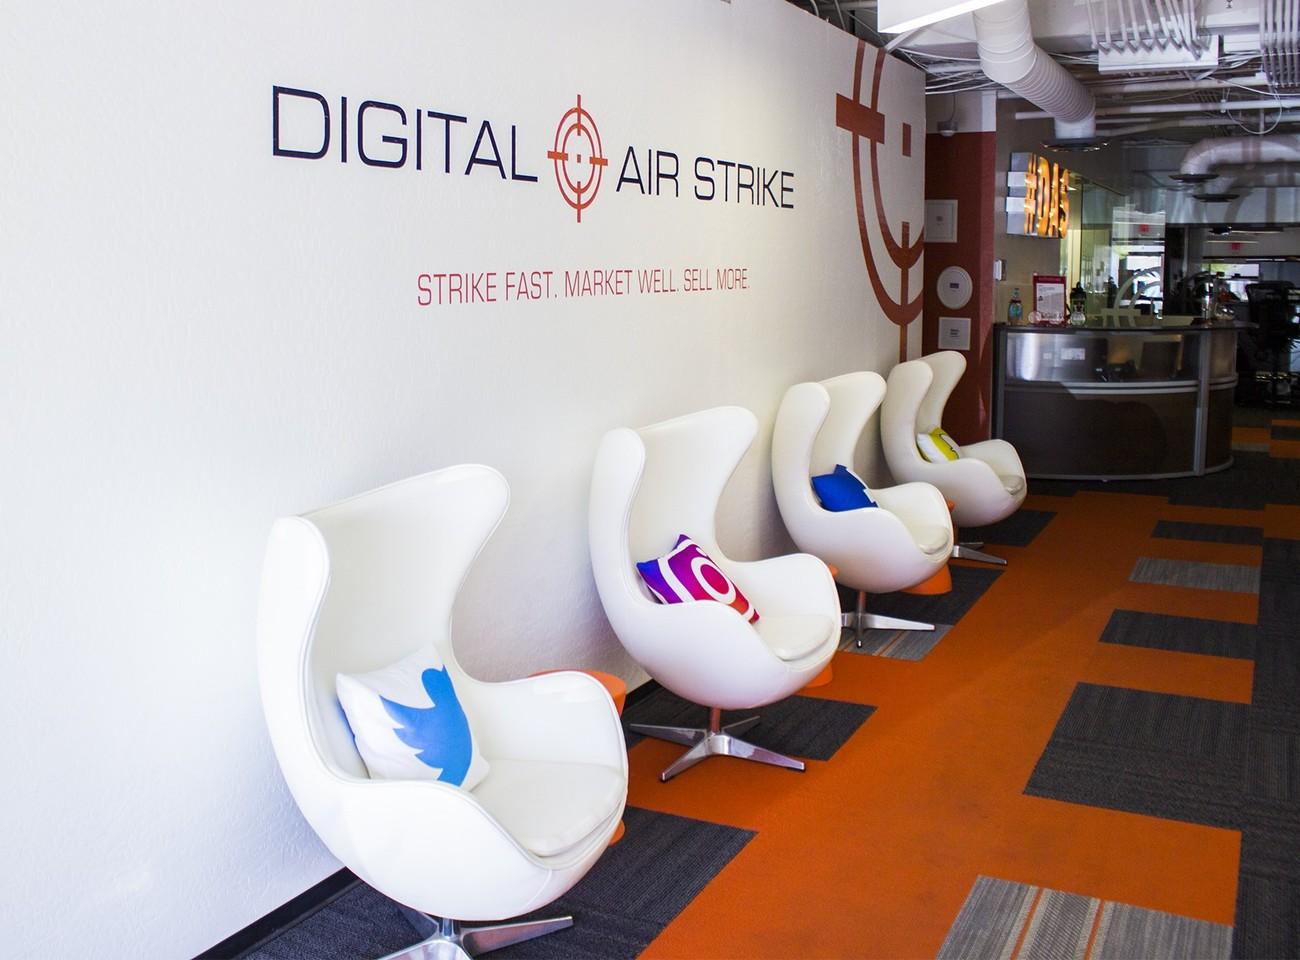 Digital Air Strike Careers